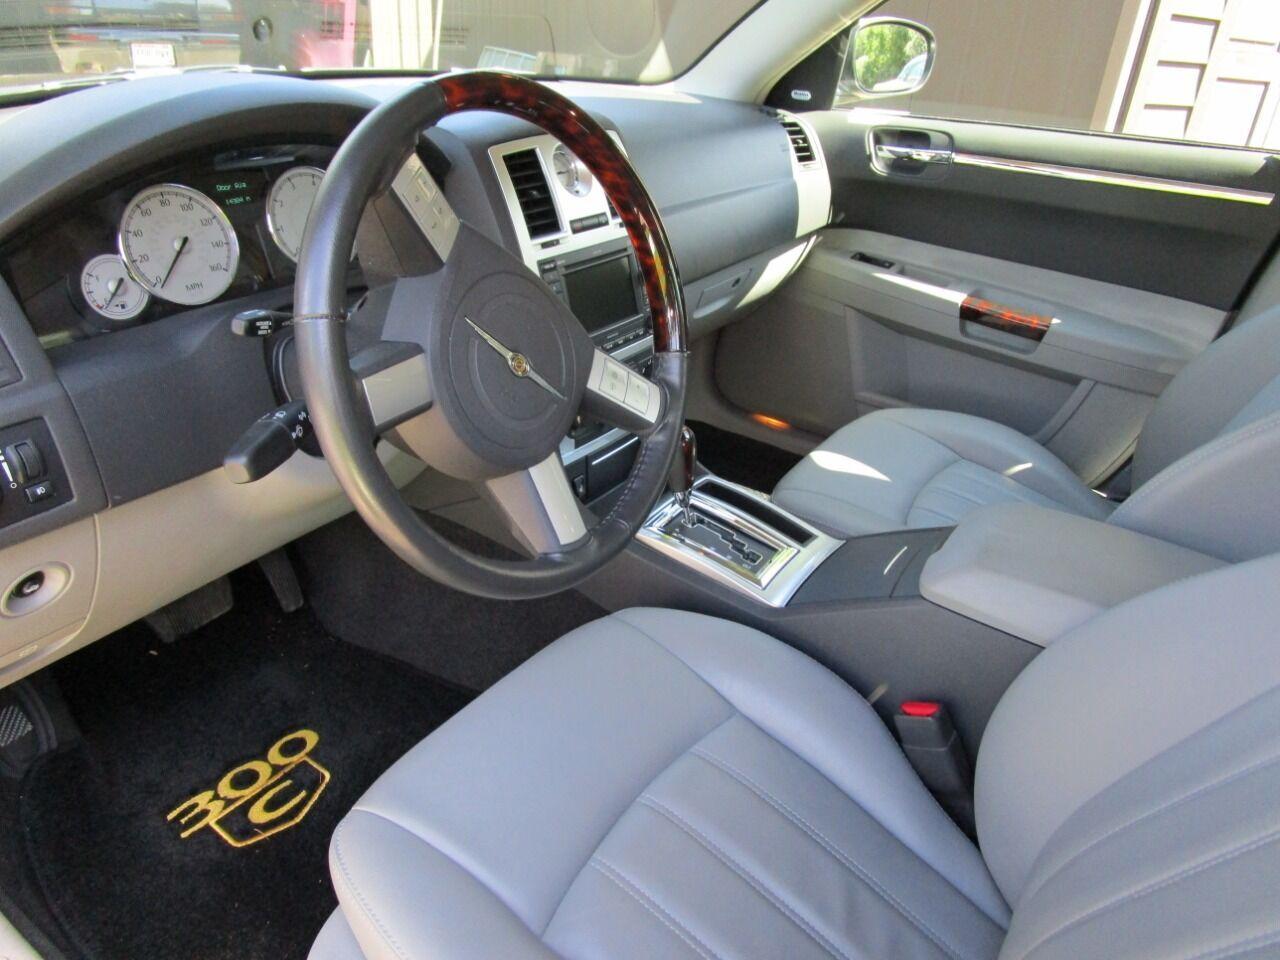 2006 Chrysler 300 42